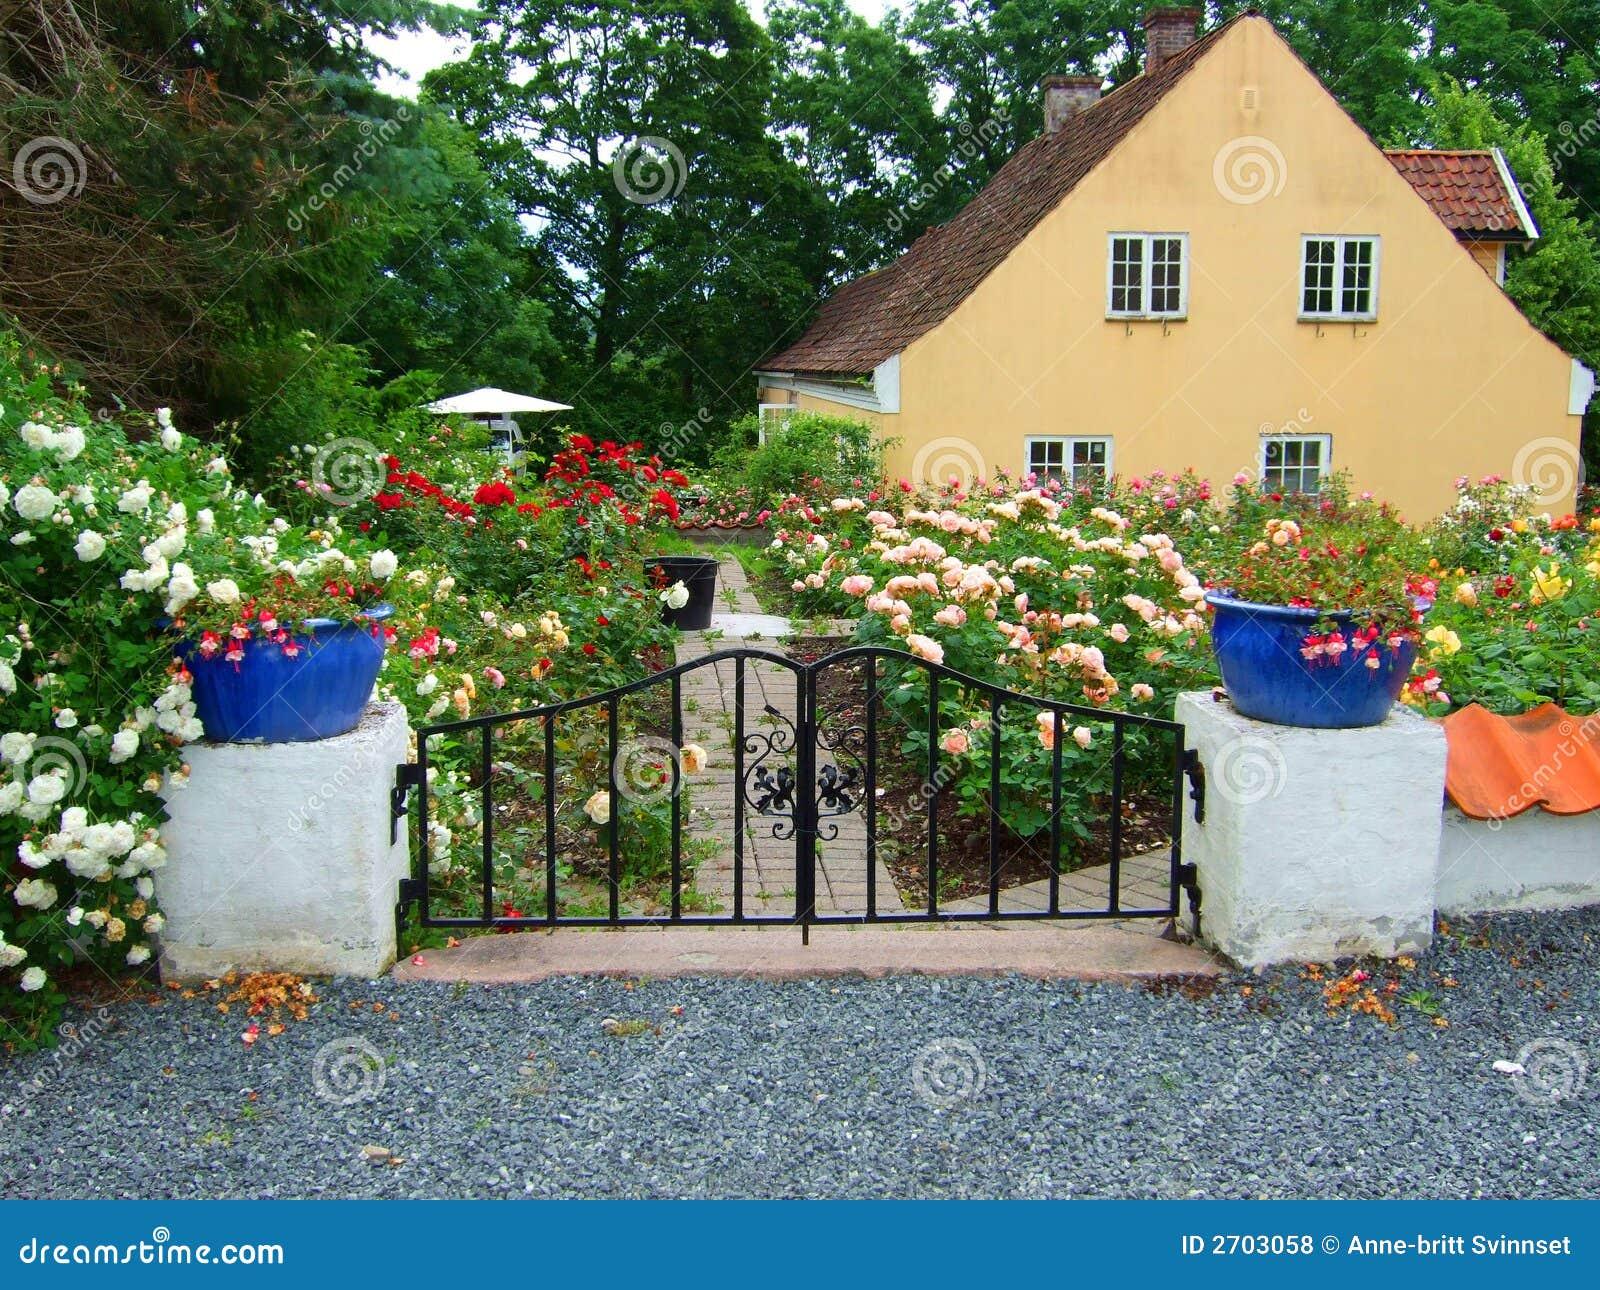 imagens jardim de rosas:Jardim De Rosas Fotos de Stock Royalty Free – Imagem: 2703058